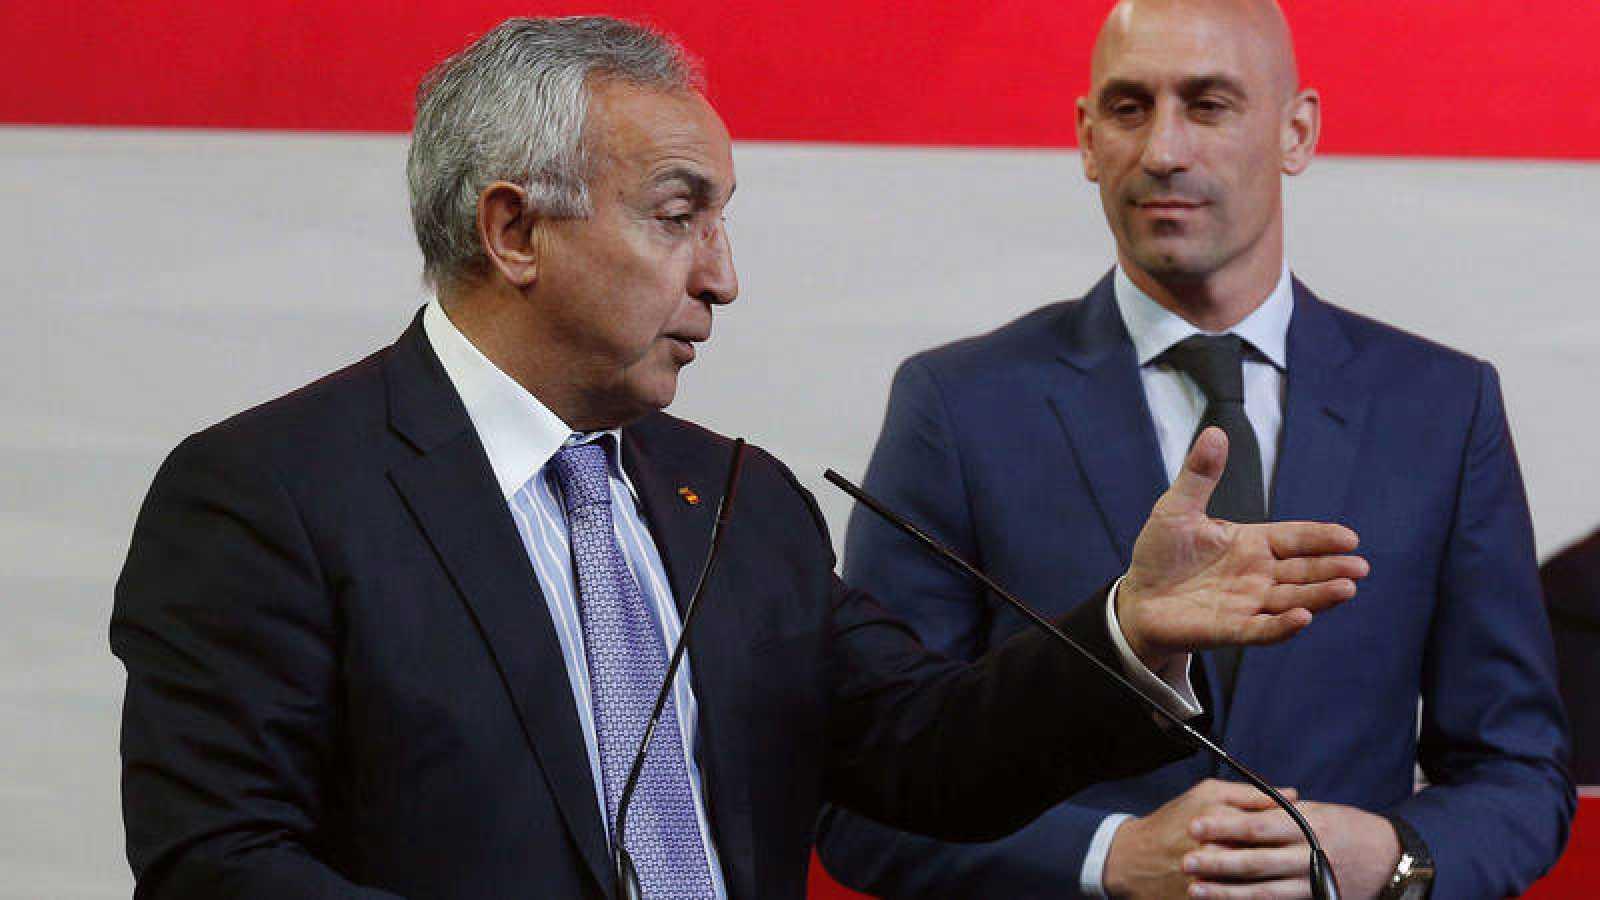 El presidente del Comité Olímpico Español, Alejandro Blanco, en un acto de la RFEF.